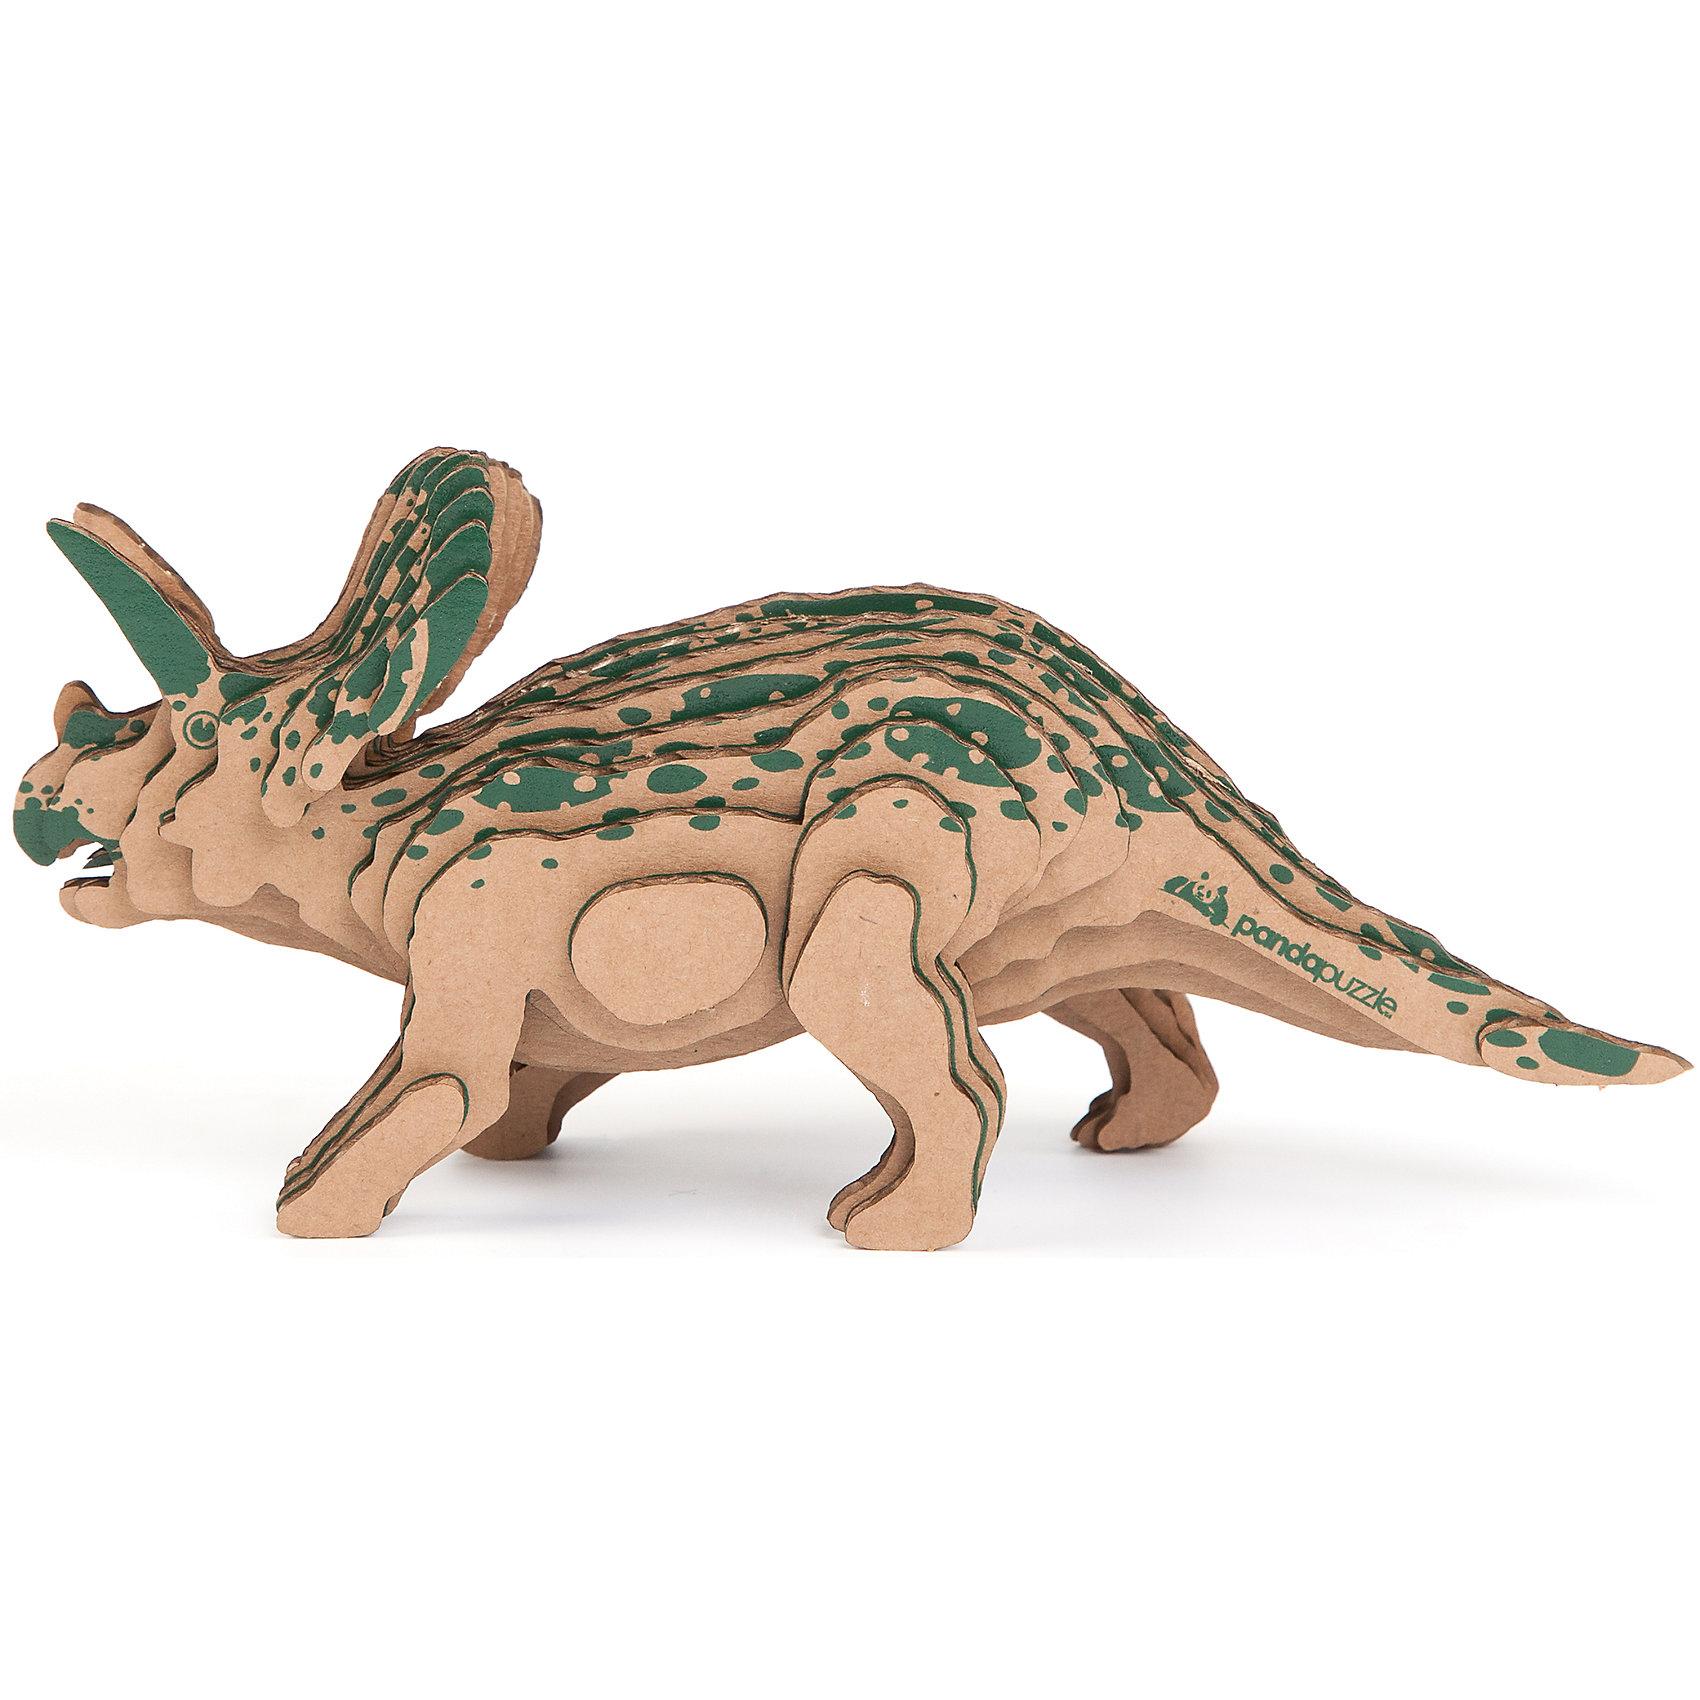 3D-Пазл «Торозавр», PandaPuzzle3D-Пазл «Торозавр», PandaPuzzle ? головоломка от отечественного торгового бренда, который специализируется на выпуске трехмерных пазлов разной тематики. Все пазлы от PandaPuzzle выполнены из экологически безопасных материалов, имеют продуманный и реалистичный дизайн моделей. Выполненные из гофрокартона детали пазла отличаются легким весом и высокими физическими качествами: плотностью и жесткостью. Модель собирается в технике объемного квиллинга, что подразумевает склеивание деталей пазла между собой.  Собирая модели в данной технике, у ребенка развивается логическое мышление и мелкая моторика рук, тренируется зрительная память и внимательность. В каждый набор входит клей для склеивания деталей и инструкция по сбору модели. <br>3D-Пазл «Торозавр», PandaPuzzle упакован в стилизованную картонную коробку.<br><br>Дополнительная информация:<br><br>- Вид игр: игры-головоломки, сюжетно-ролевые<br>- Предназначение: для дома, для развивающих центров, для центров дополнительного образования<br>- Материал: гофрокартон<br>- Комплектация: 30 деталей, клей, инструкция<br>- Размер (Д*Ш*В): 11*5*26 см<br>- Вес: 97 г <br>- Пол: для мальчика/для девочки<br>- Особенности ухода: разрешается сухая чистка собранной модели<br><br>Подробнее:<br><br>• Для детей в возрасте: от 5 лет и до 16 лет<br>• Страна производитель: Россия<br>• Торговый бренд: PandaPuzzle<br><br>3D-Пазл «Торозавр», PandaPuzzle можно купить в нашем интернет-магазине.<br><br>Ширина мм: 110<br>Глубина мм: 50<br>Высота мм: 260<br>Вес г: 97<br>Возраст от месяцев: 60<br>Возраст до месяцев: 192<br>Пол: Унисекс<br>Возраст: Детский<br>SKU: 4932405